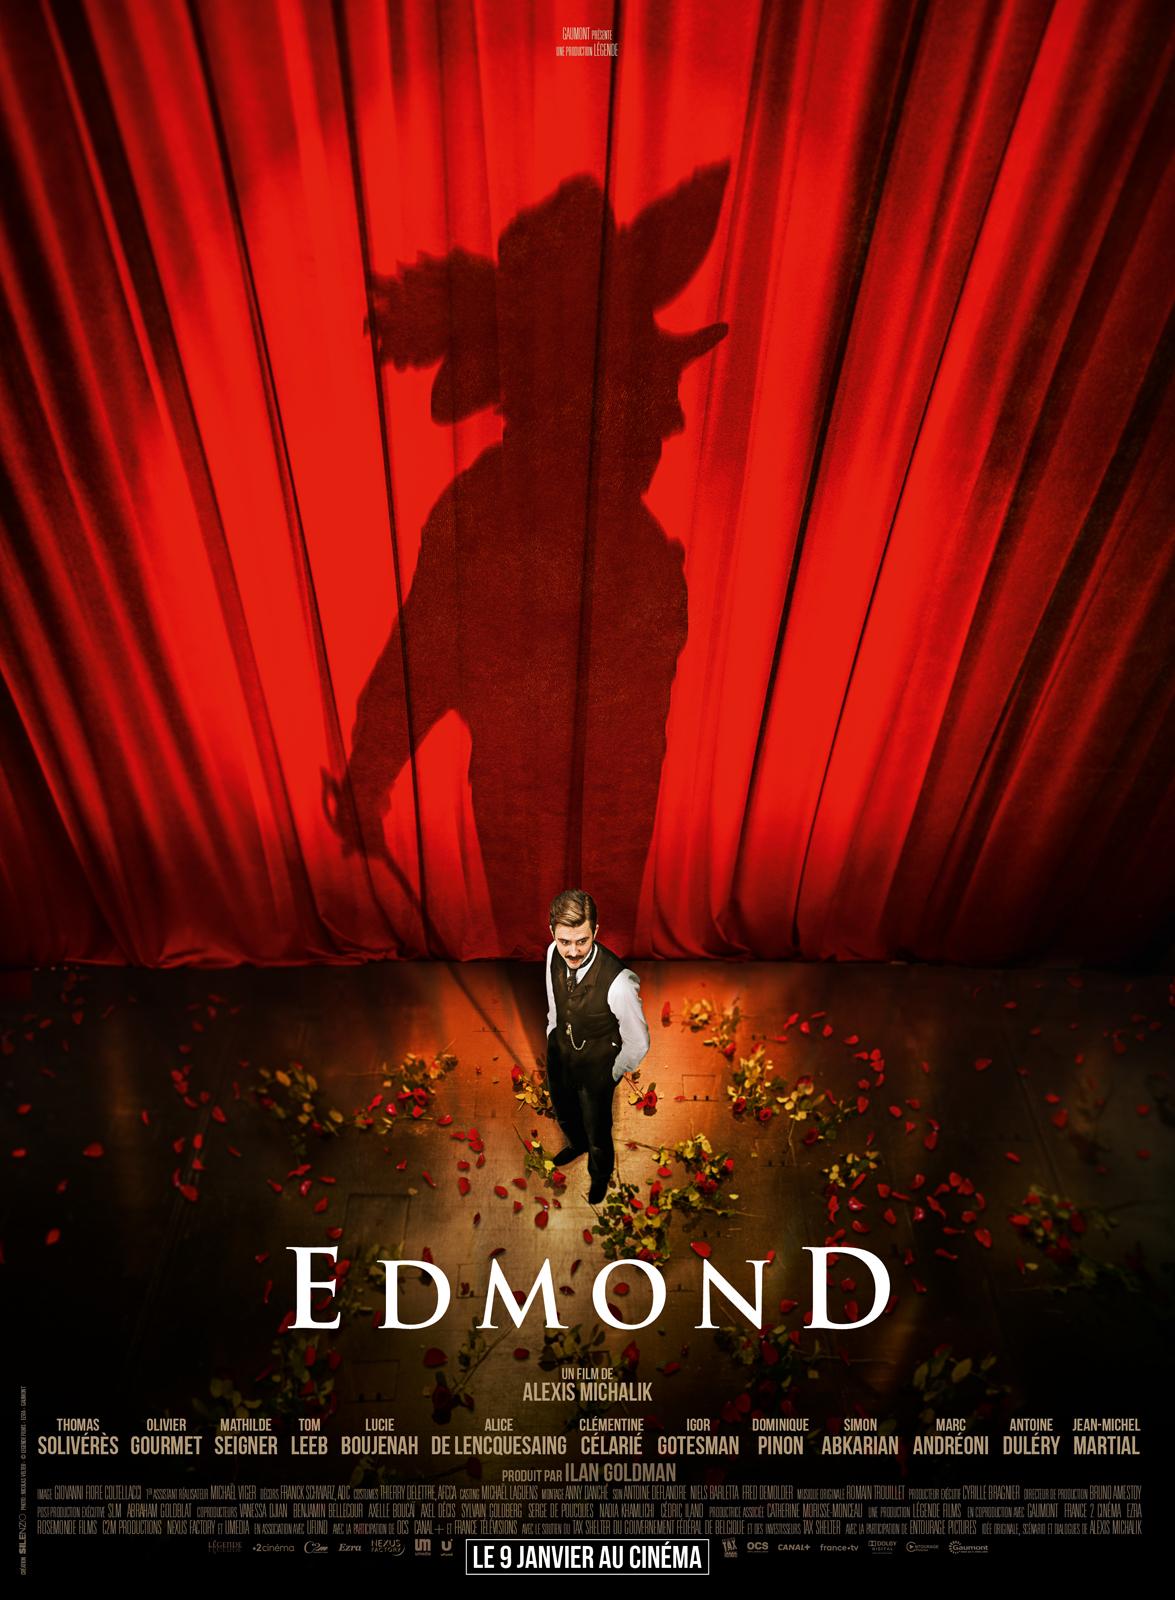 """Résultat de recherche d'images pour """"edmond affiche"""""""